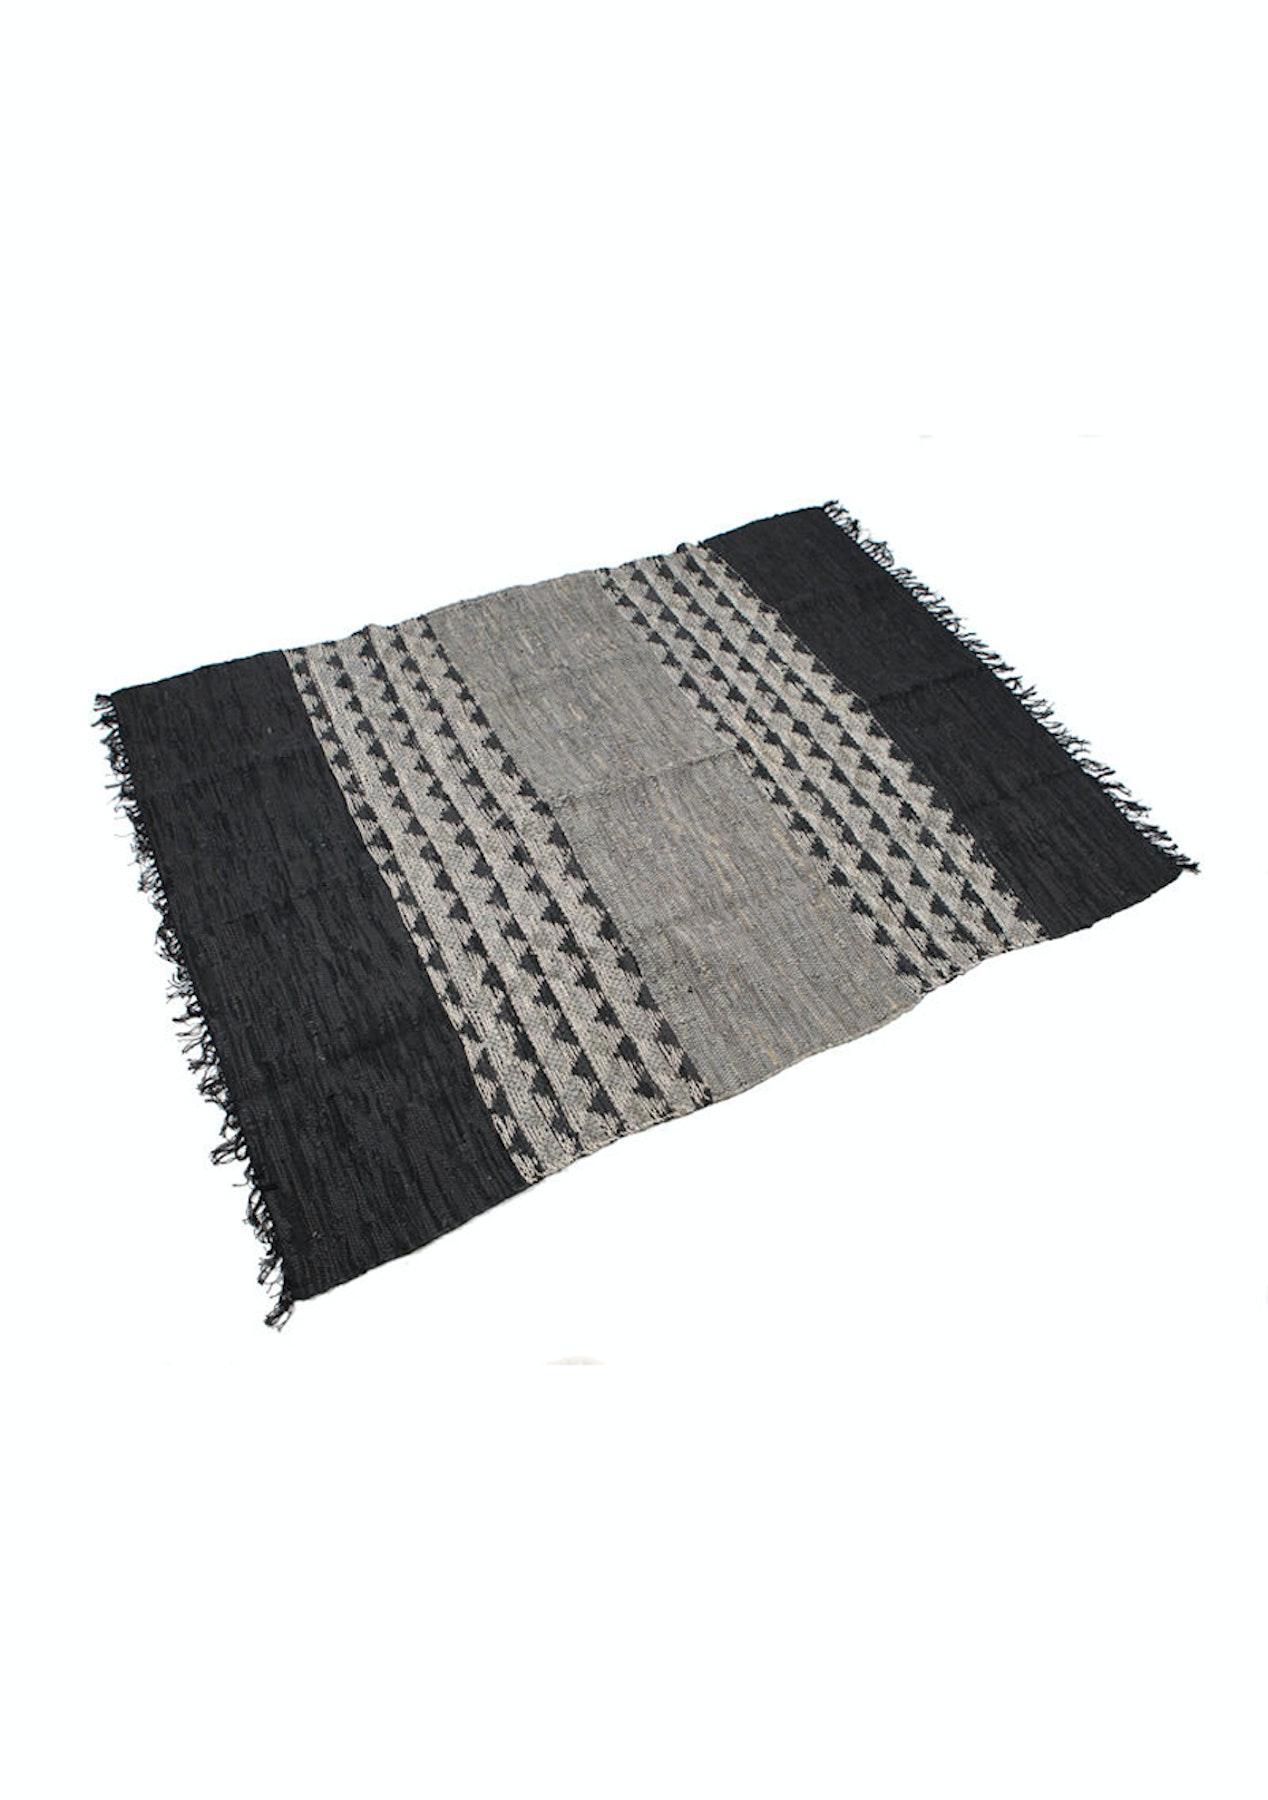 Amalfi - Lennon Leather Rug - Large - Black/Grey - Amalfi Rugs, Poufs &  Cushions - Onceit